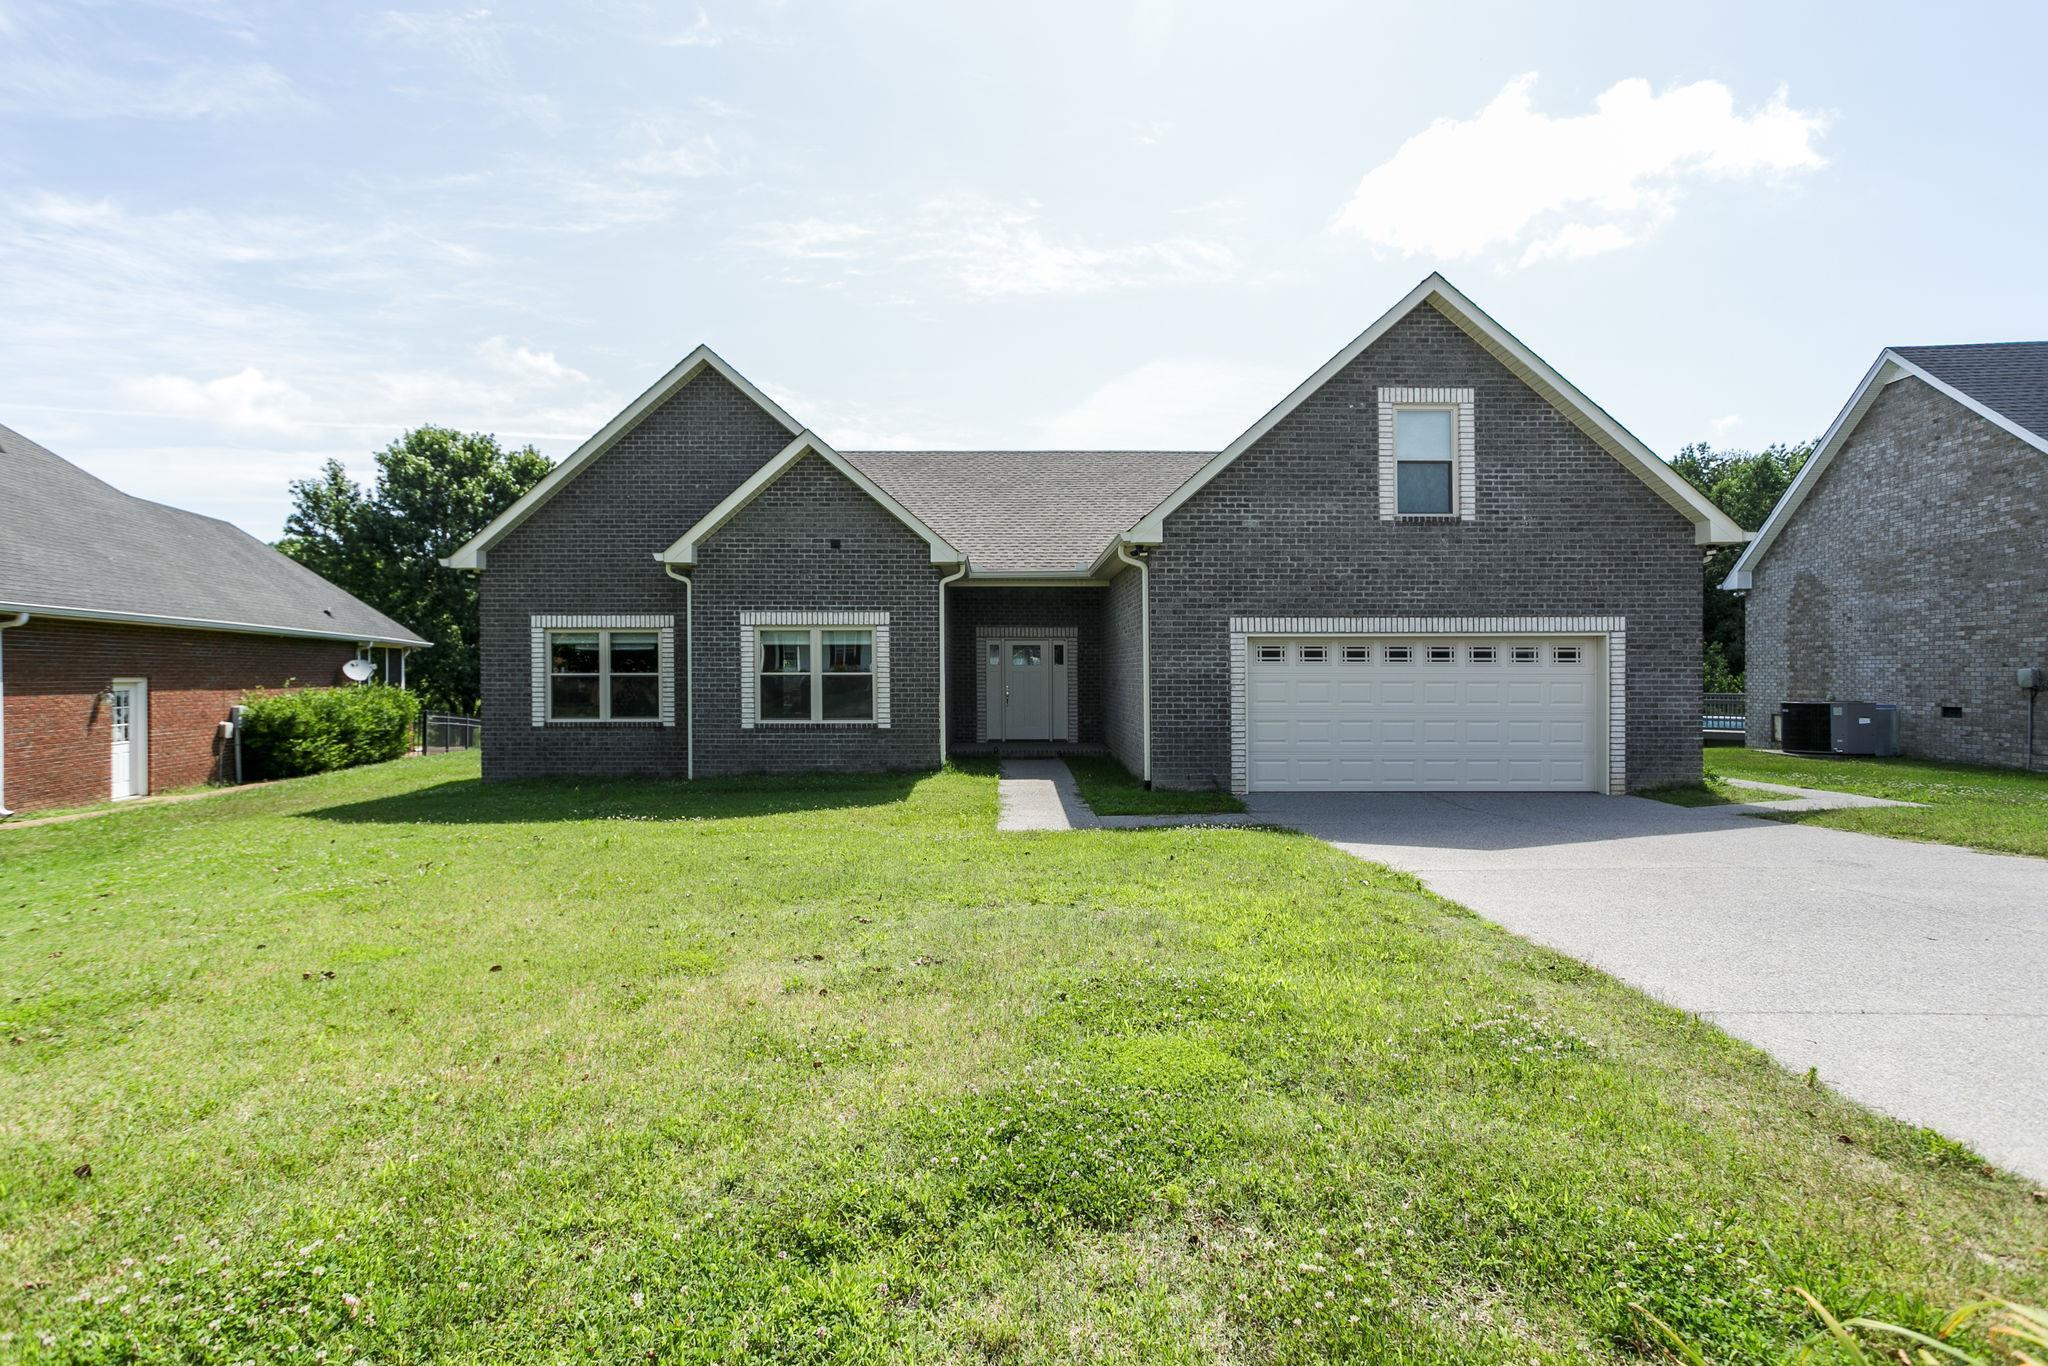 413 Robins Trl, Westmoreland, TN 37186 - Westmoreland, TN real estate listing